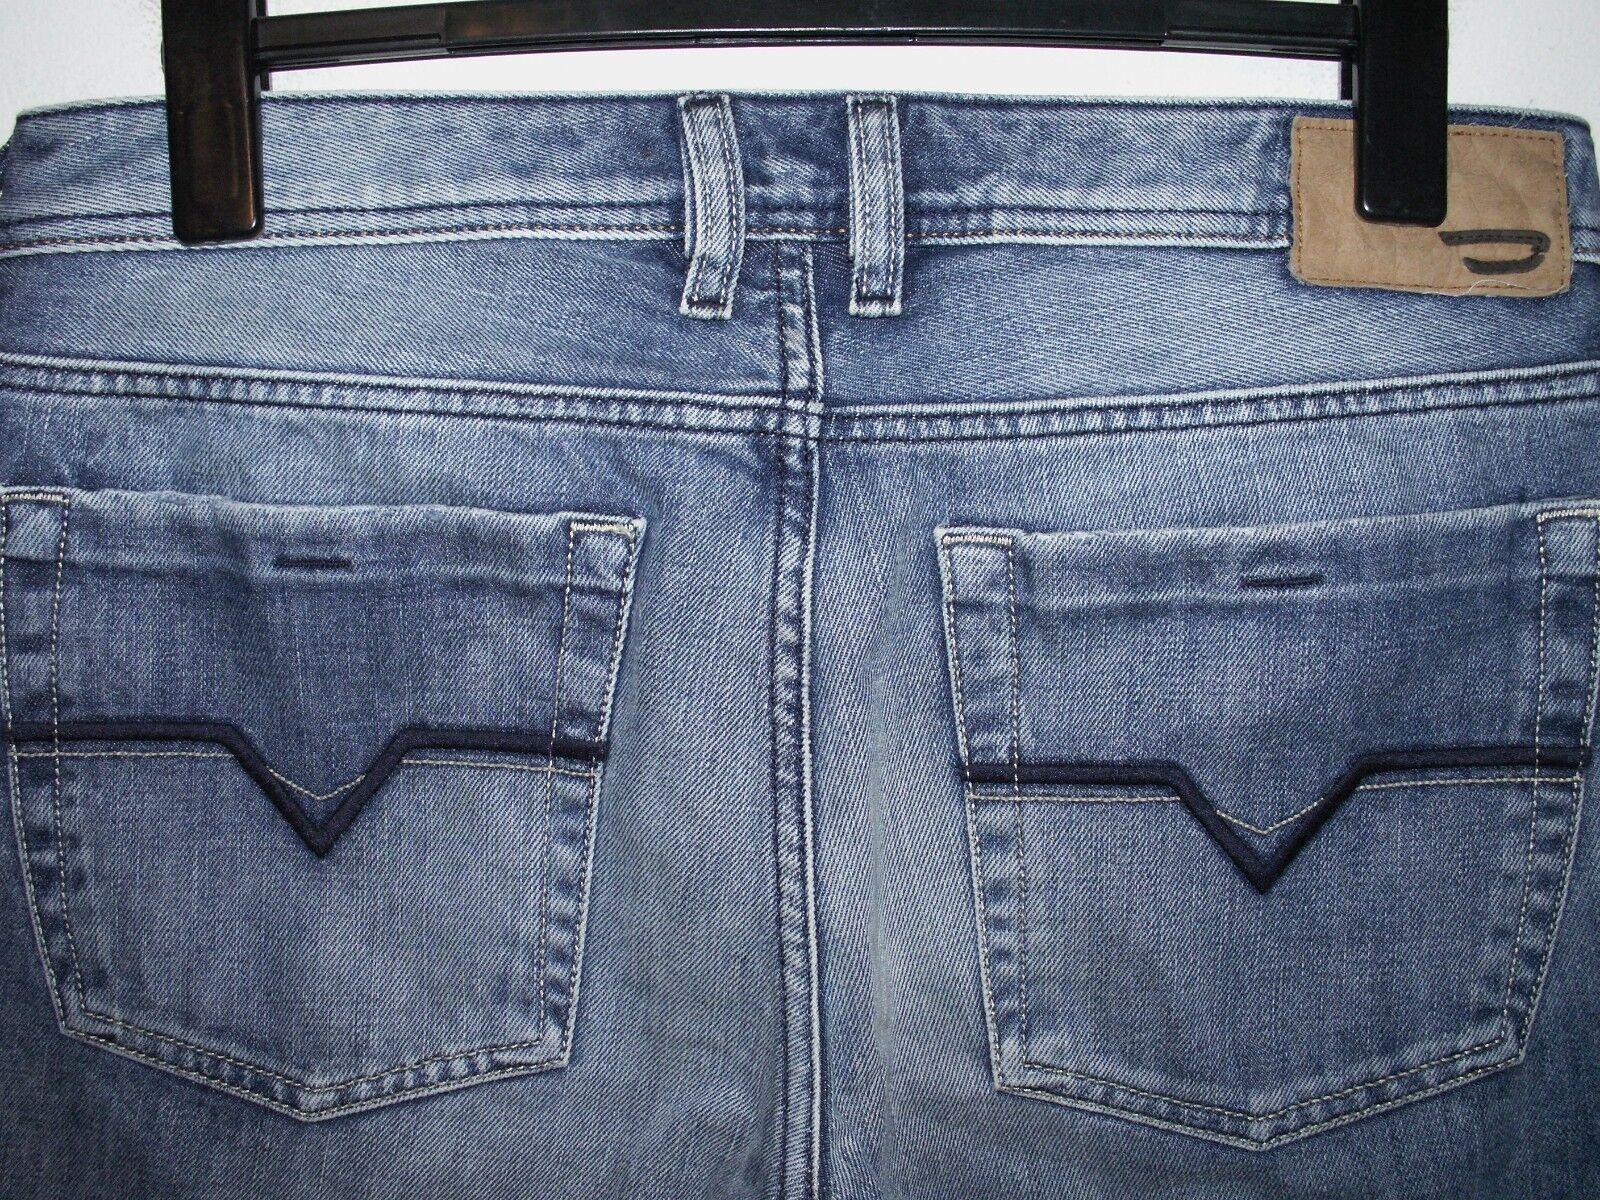 Diesel zathan Stiefelcut jeans wash 008AT W32 L30 (a4006)  | Vorzüglich  | Bestellungen Sind Willkommen  | Outlet Store Online